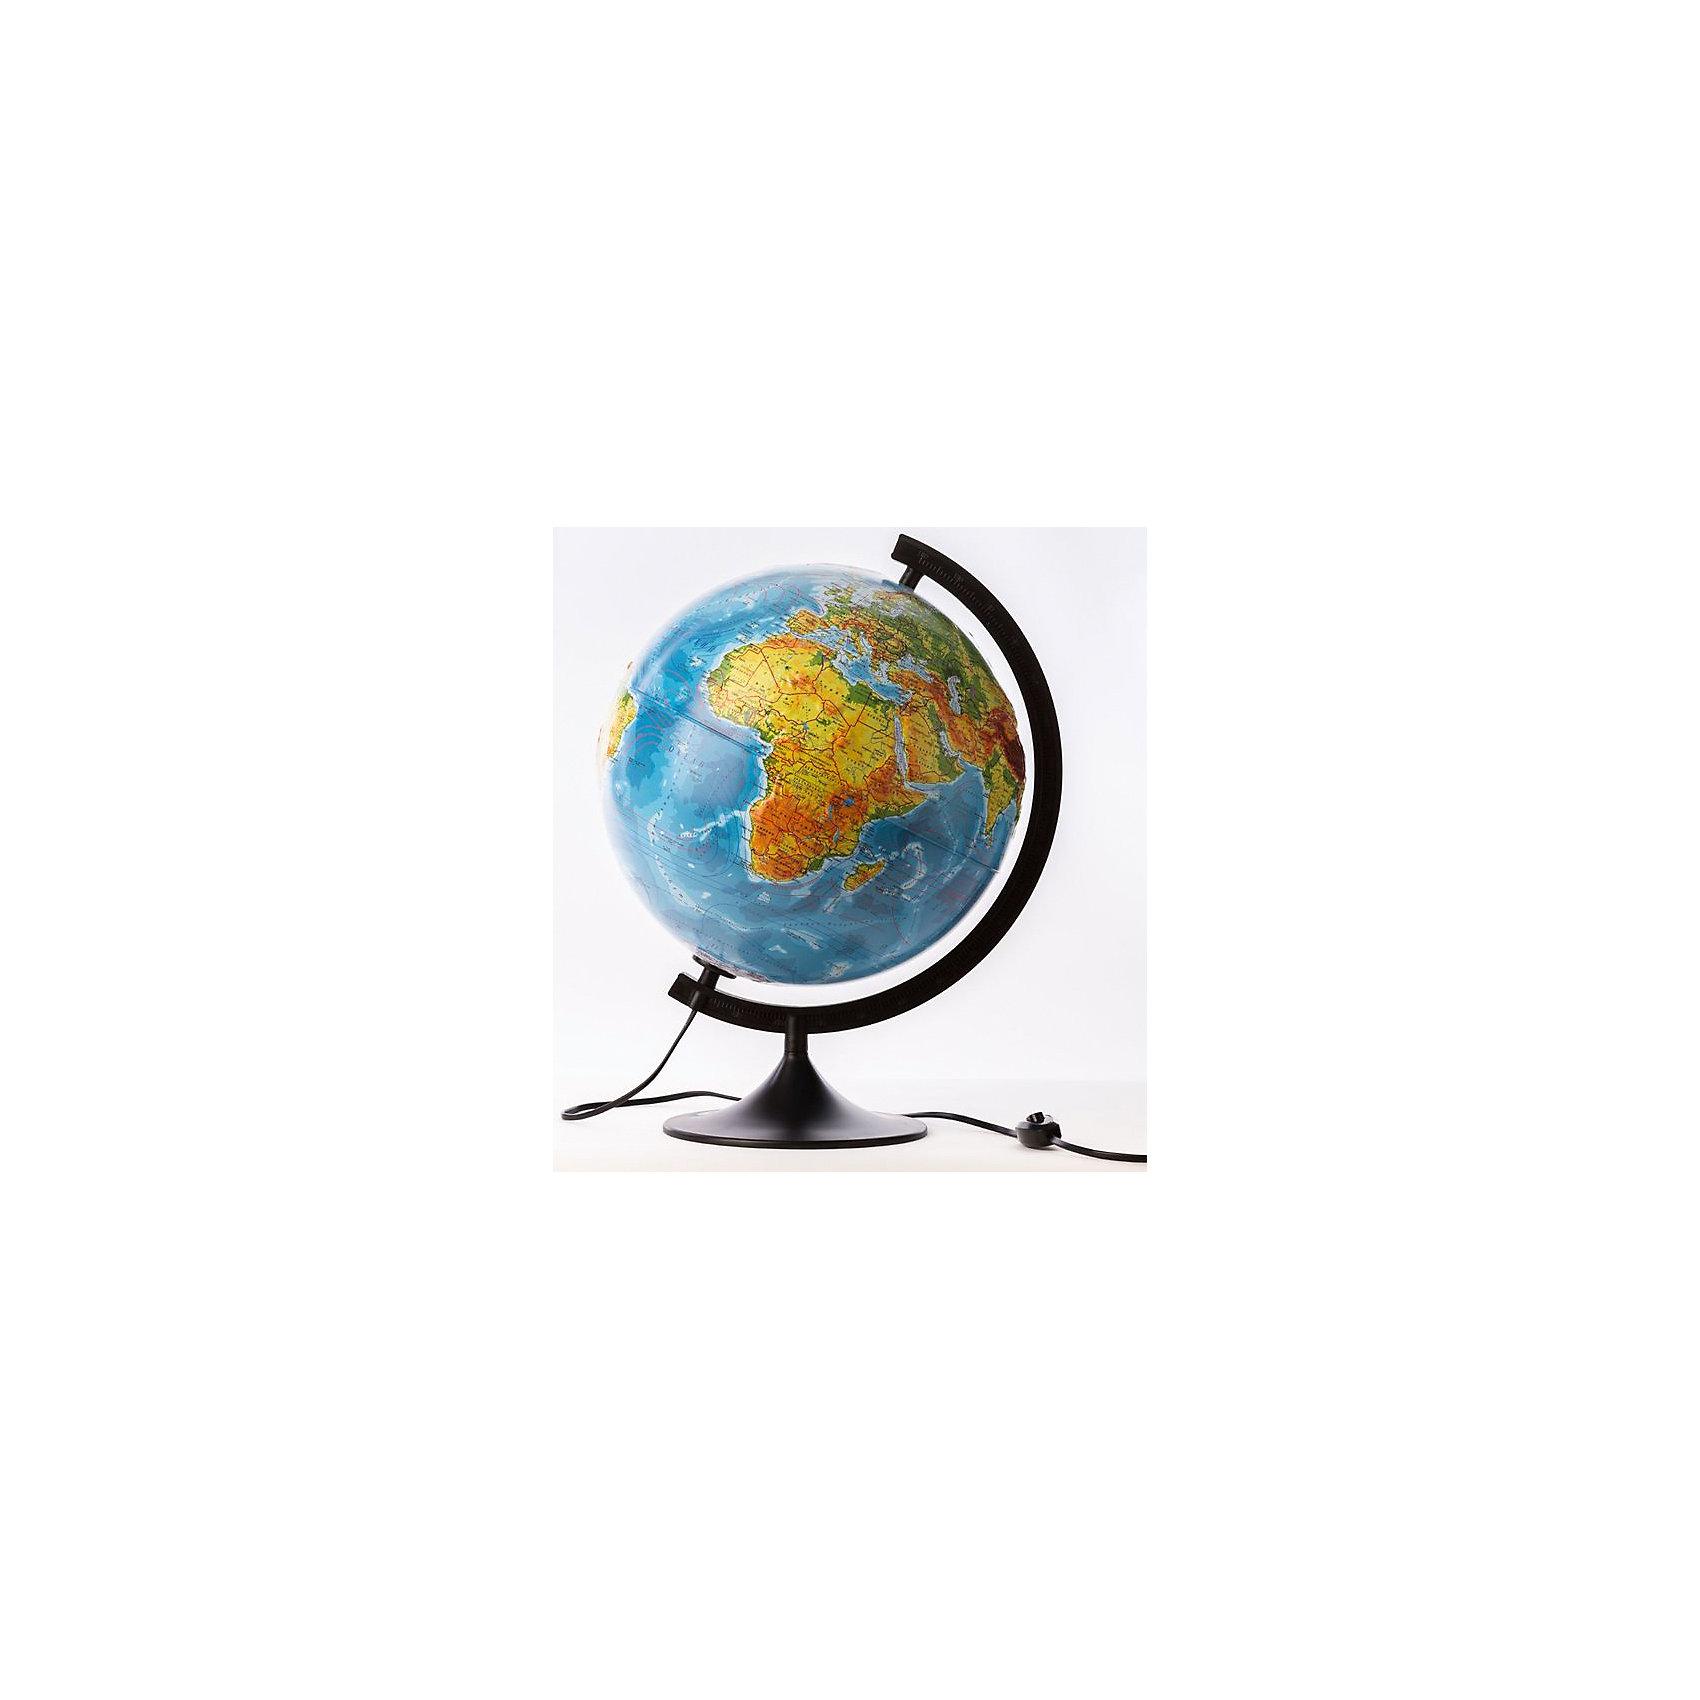 Глобус Земли физико-политический рельефный с подсветкой, диаметр 210 ммГлобус Земли д-р 210 физико-политический рельефный с подсветкой<br><br>Ширина мм: 230<br>Глубина мм: 210<br>Высота мм: 210<br>Вес г: 500<br>Возраст от месяцев: 72<br>Возраст до месяцев: 2147483647<br>Пол: Унисекс<br>Возраст: Детский<br>SKU: 5504460